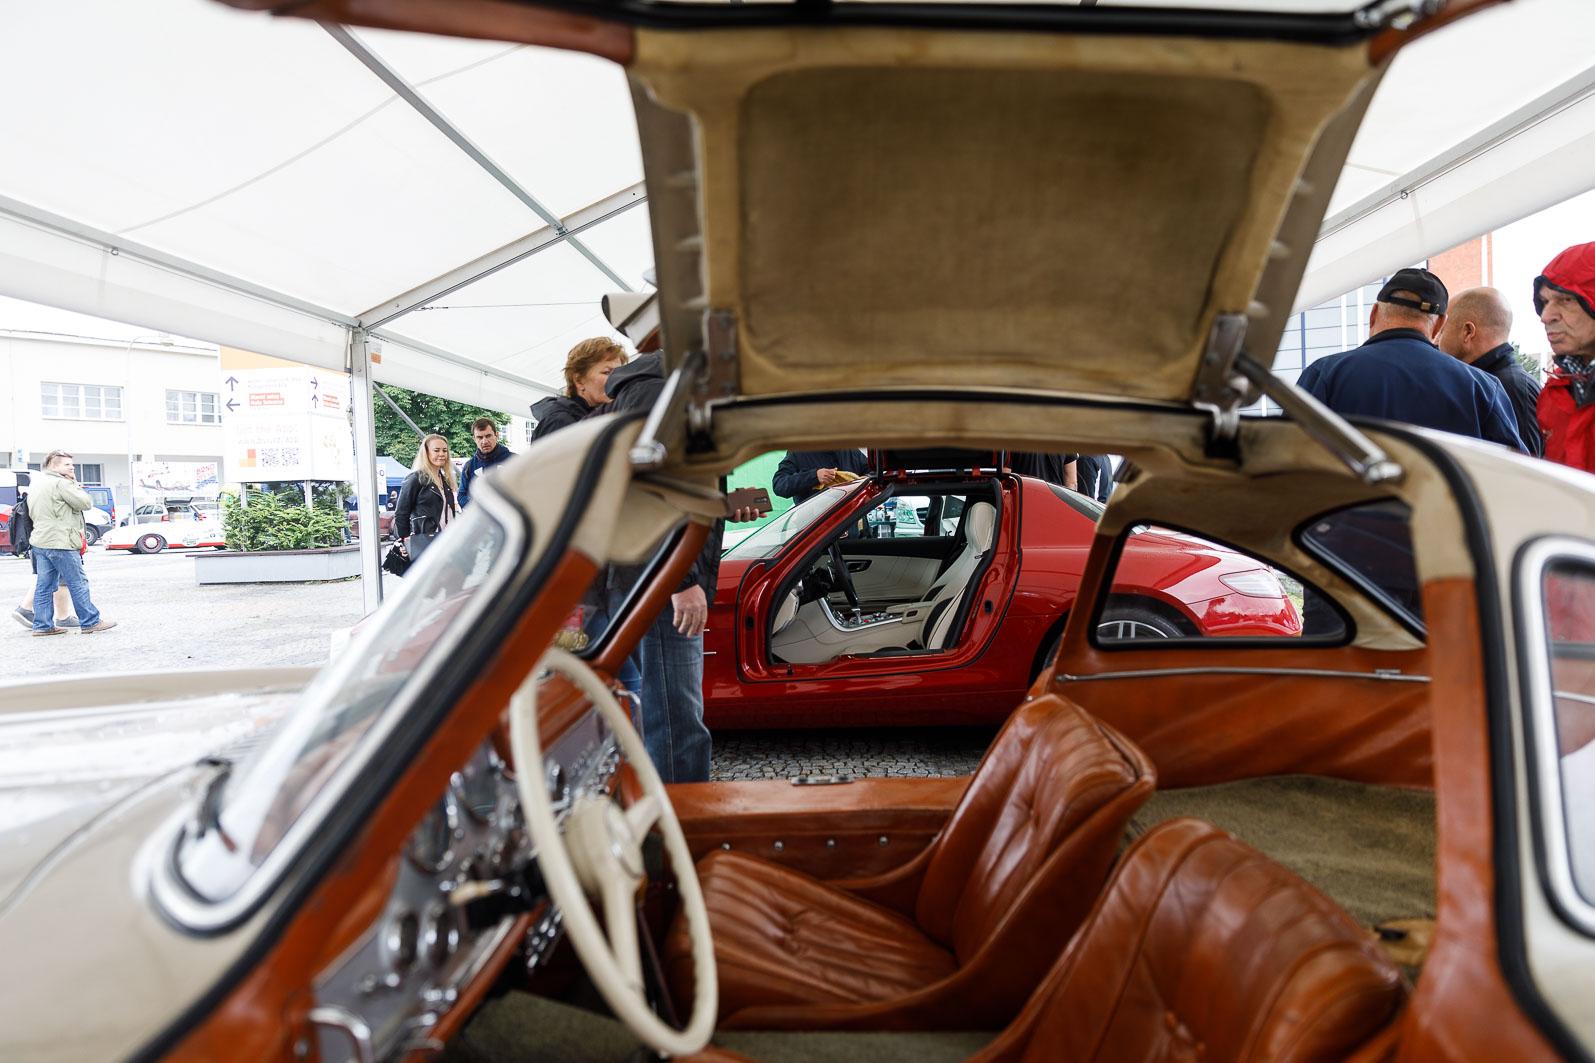 Na Revival Brno 2020 sa predviedol Talbot, ktorý zbiera svetové ocenenia R7JC7mBg1h 3-mercedes-5